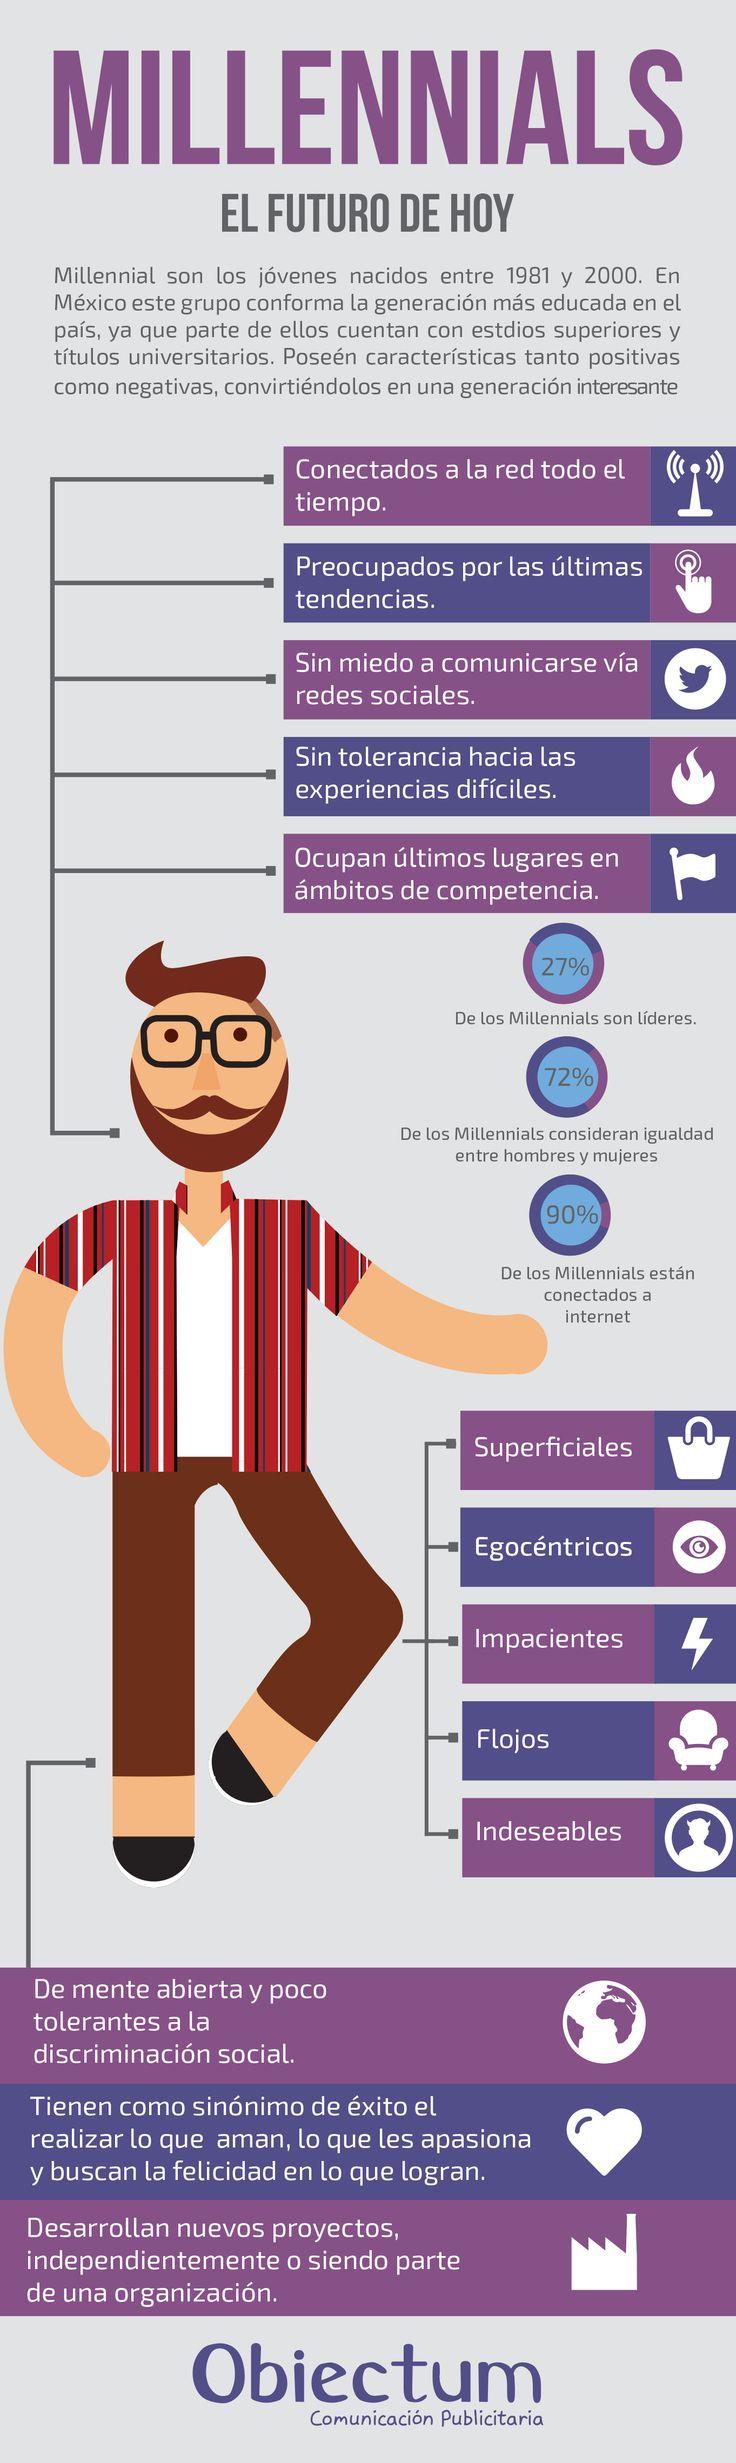 #Millennials #Características #Mercadotecnia #Tendencias